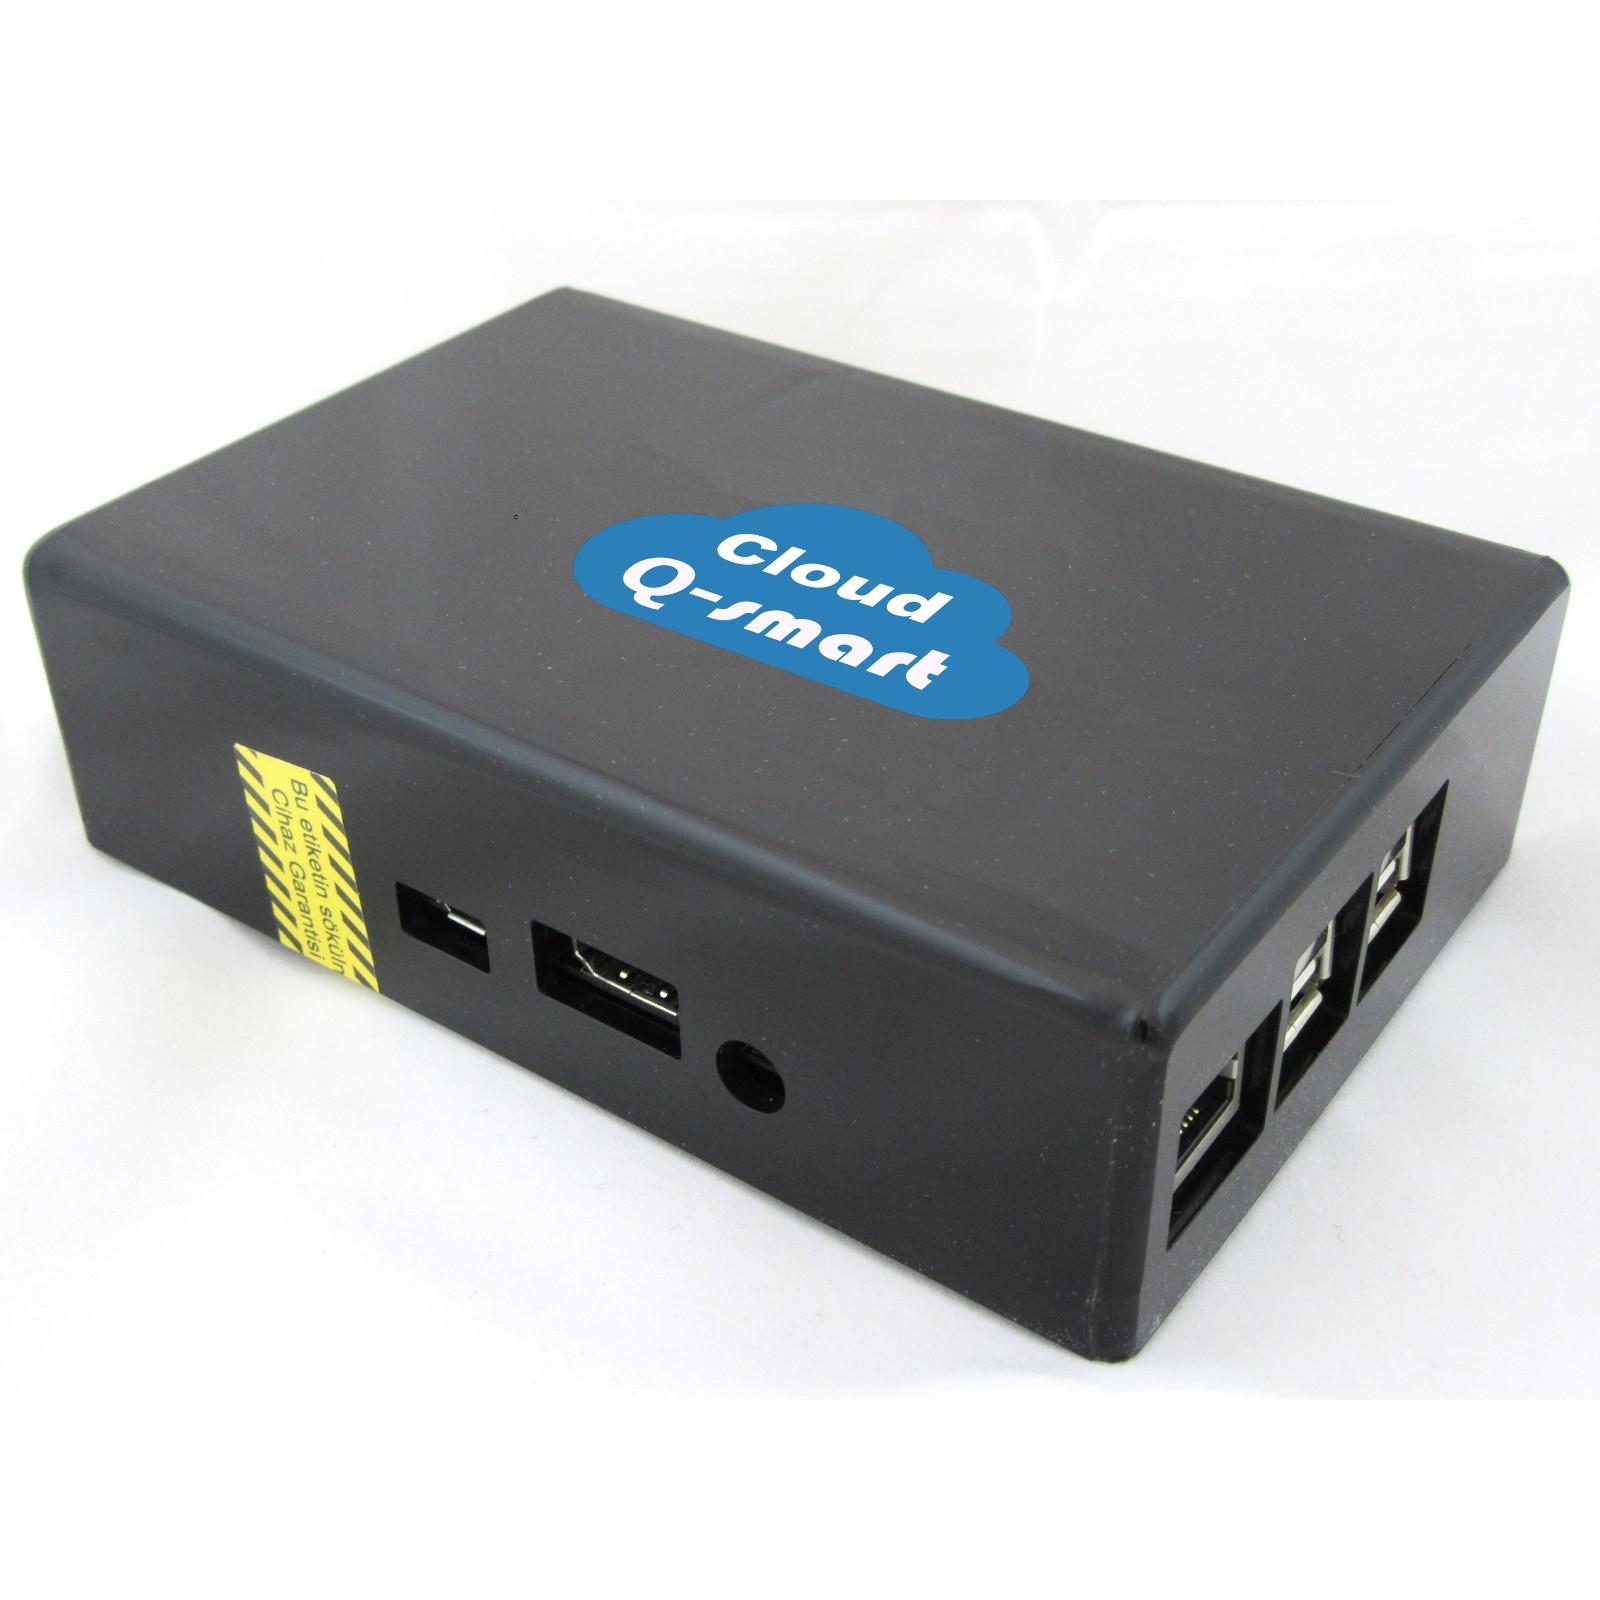 cloud qsmart queue management server